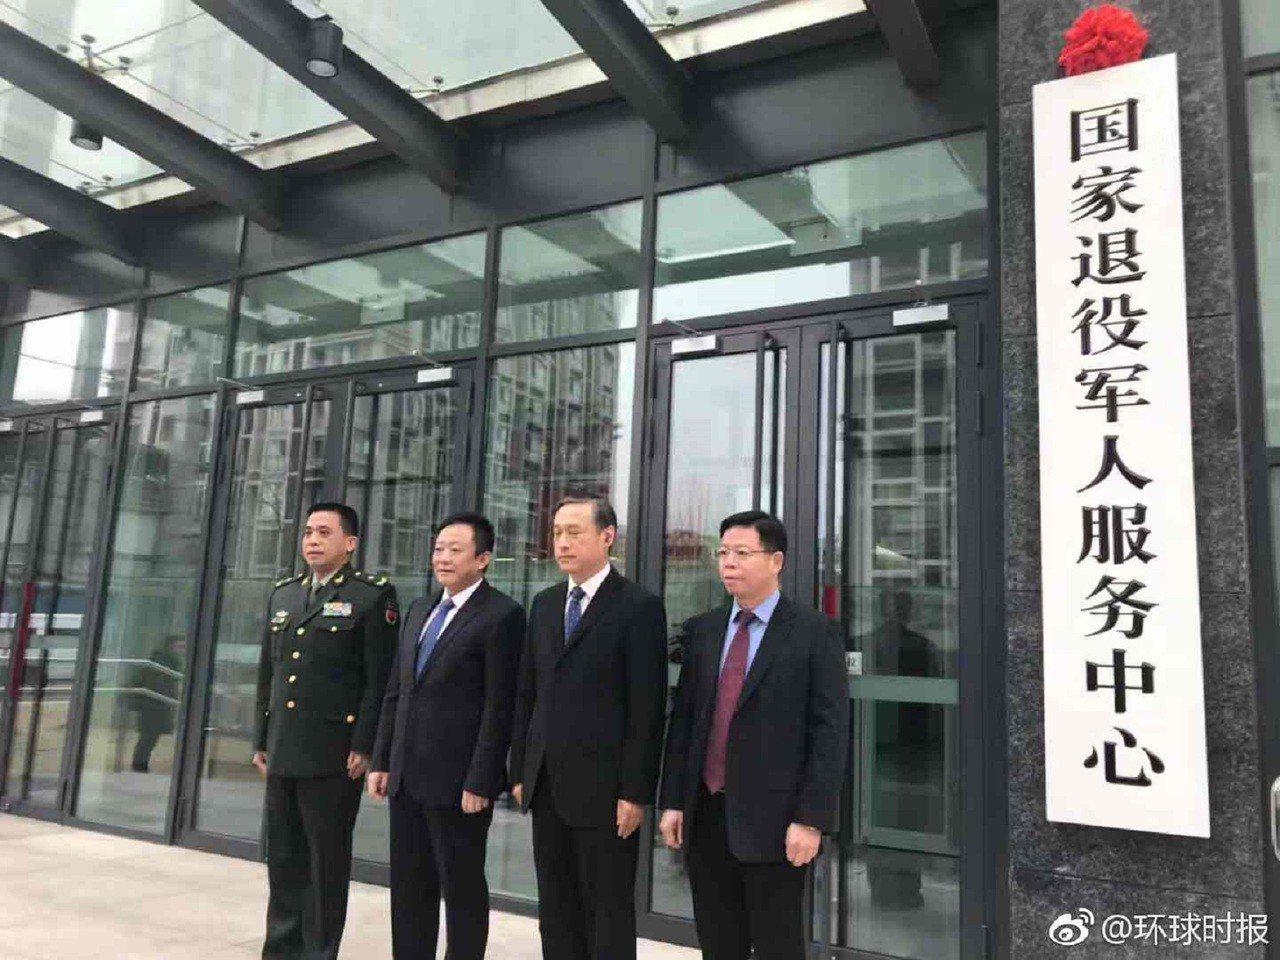 大陸國家退役軍人服務中心,26日在北京正式掛牌成立。圖/環球時報